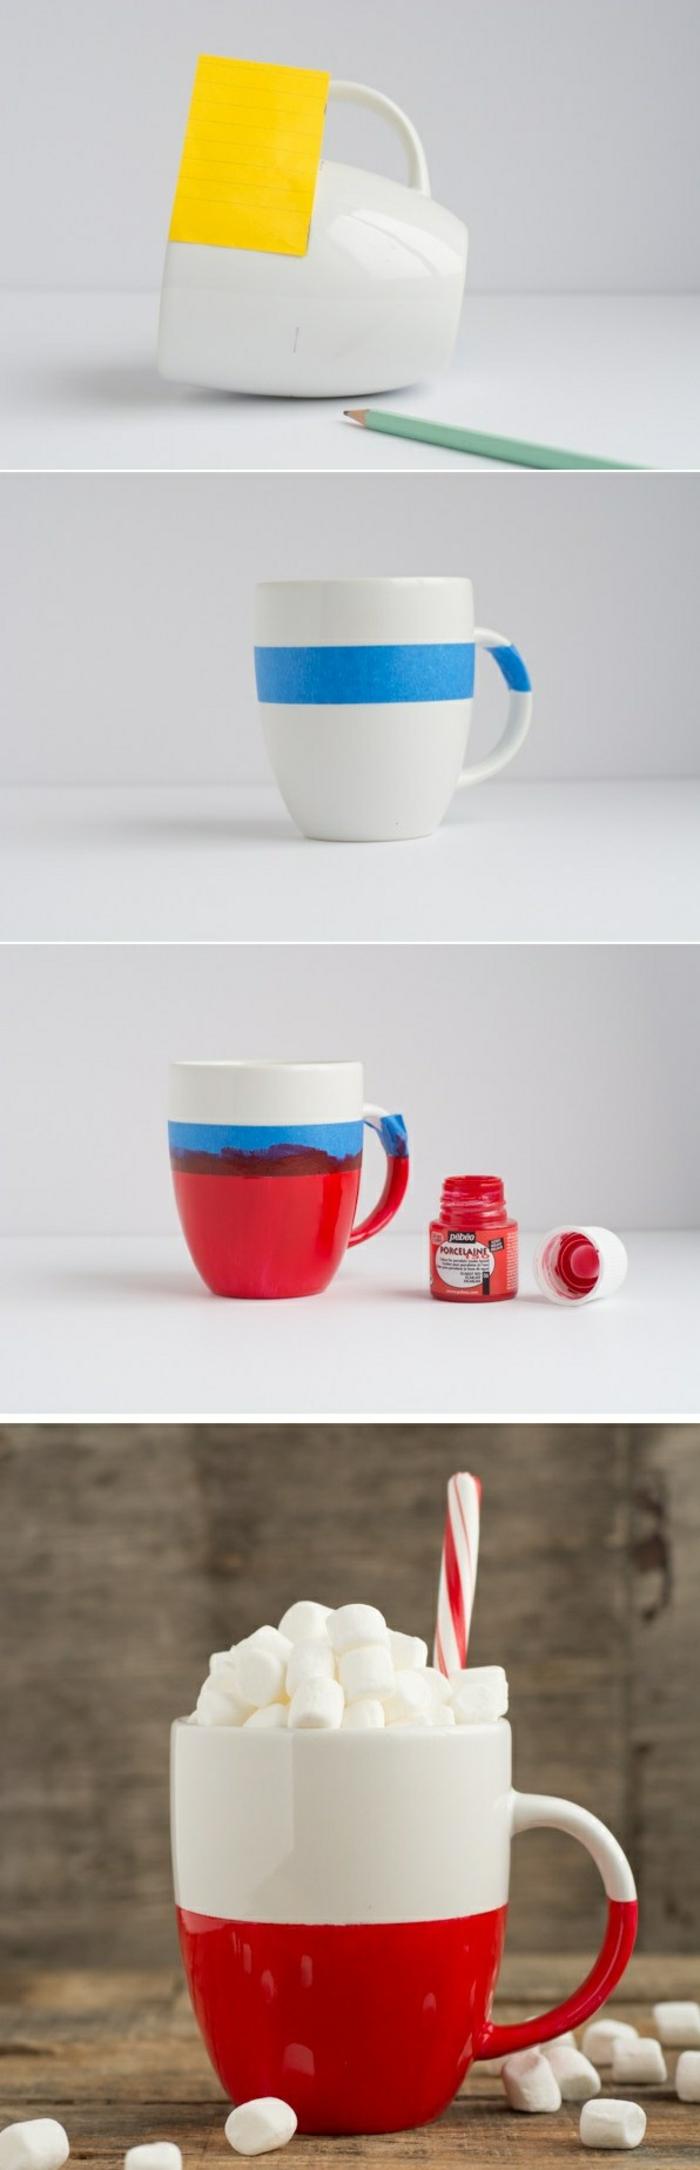 pas à pas comment personnaliser un mug, modèle de tasse blanche et rouge DIY, activité manuelle facile et rapide